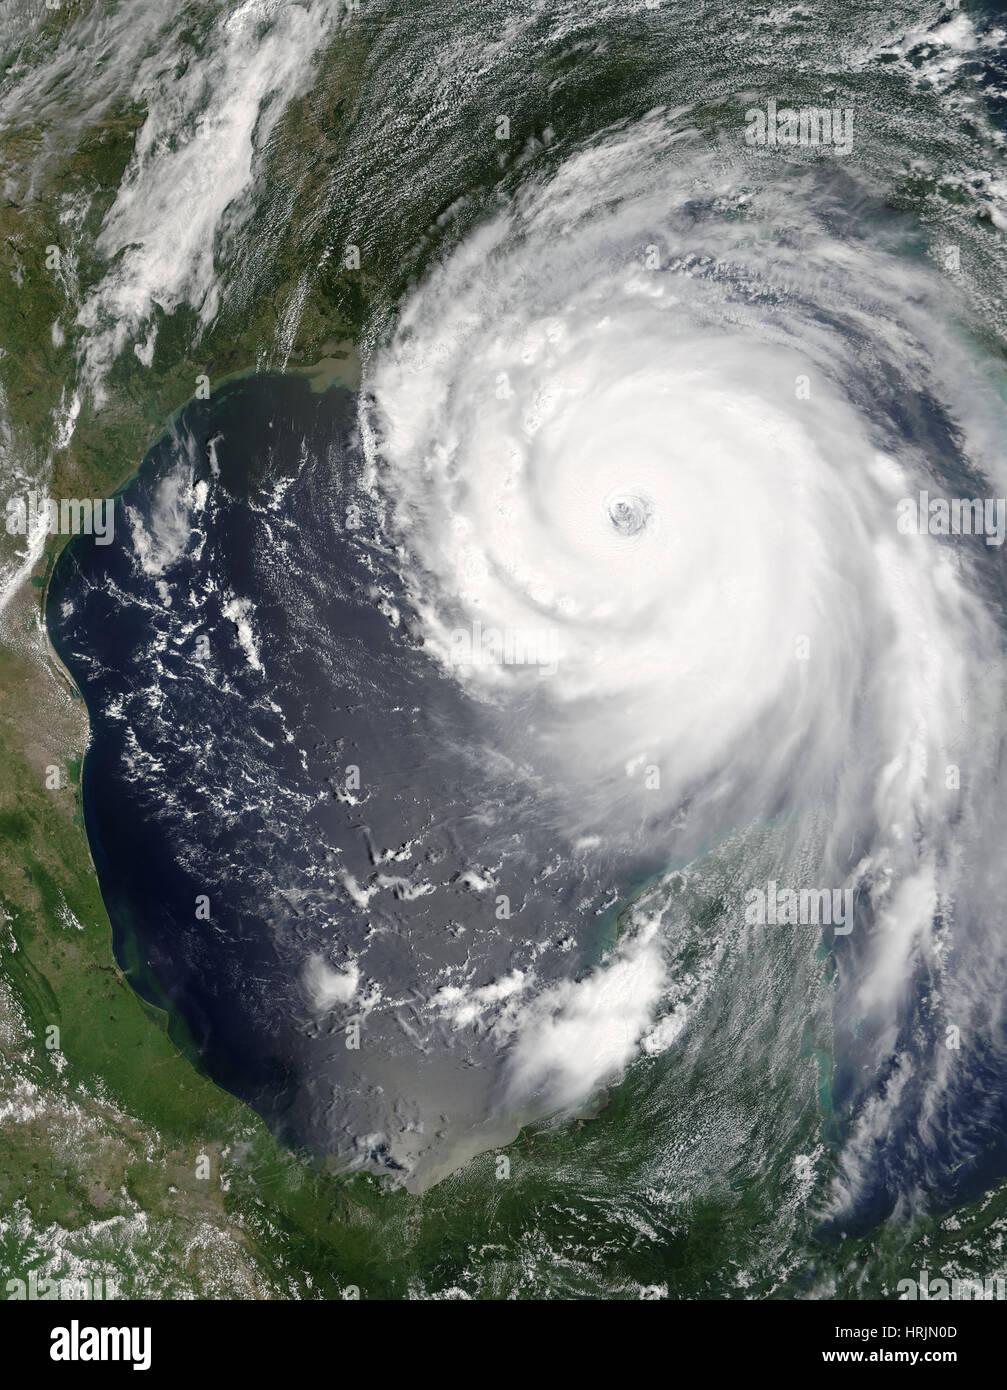 L'ouragan Katrina, image MODIS, 2005 Photo Stock